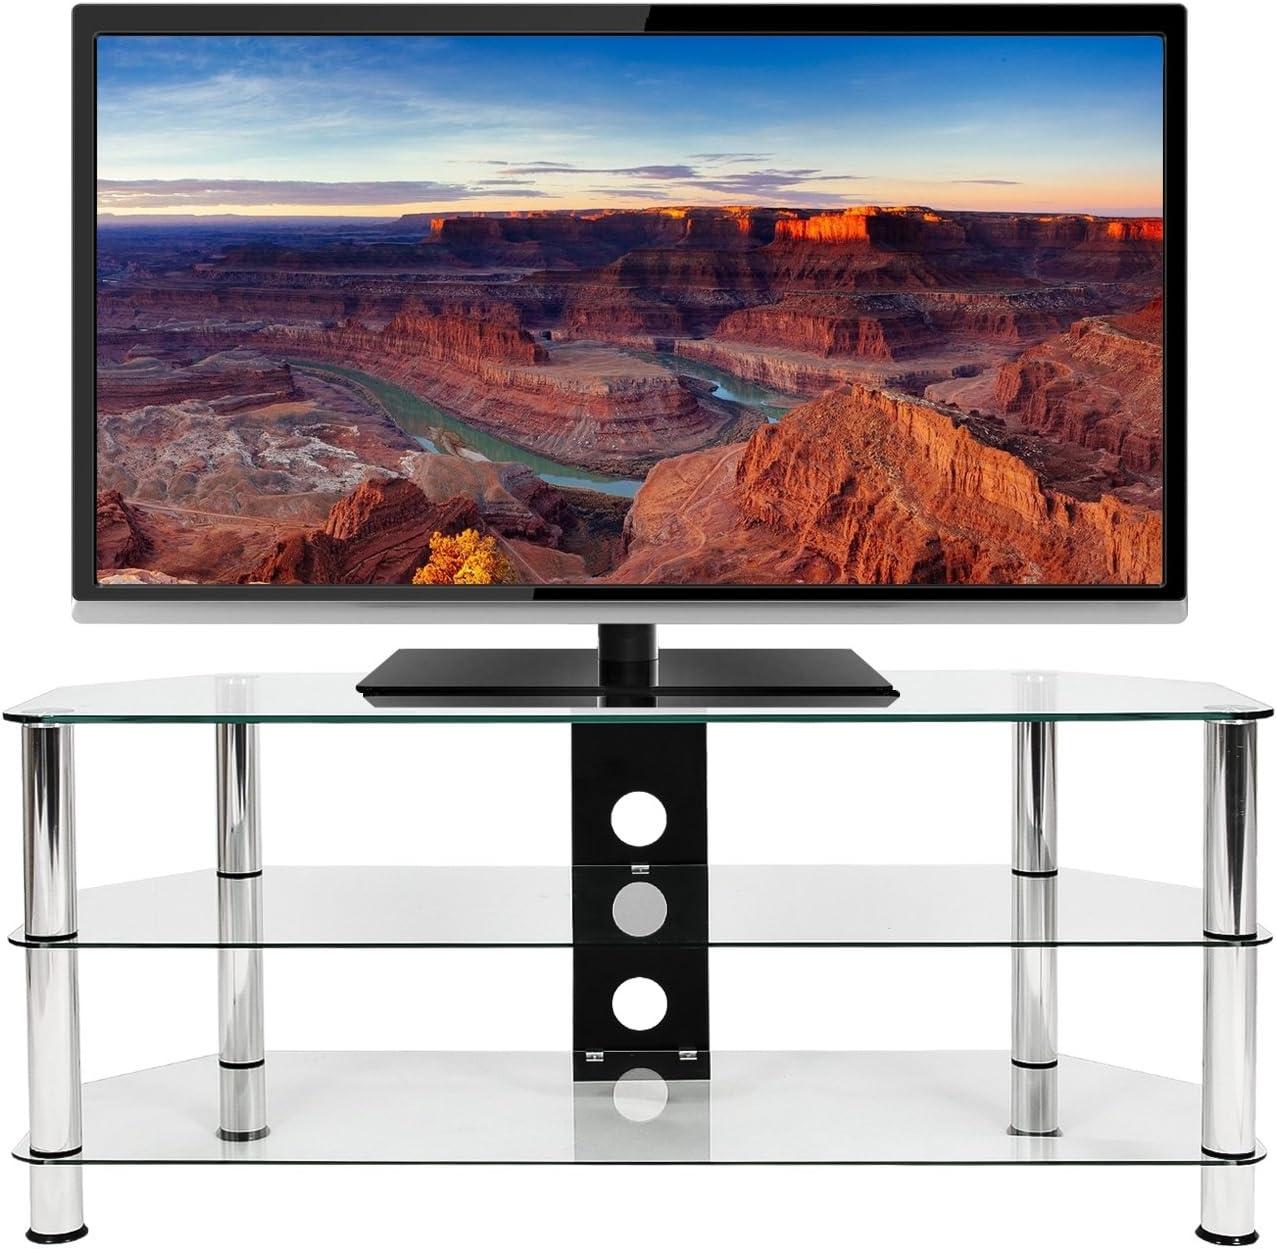 Mountright UMS4C - Soporte de Cristal para televisor de 120 cm de Largo, para la mayoría de televisores led, LCD y Plasma de 32 a 58 Pulgadas: Amazon.es: Electrónica